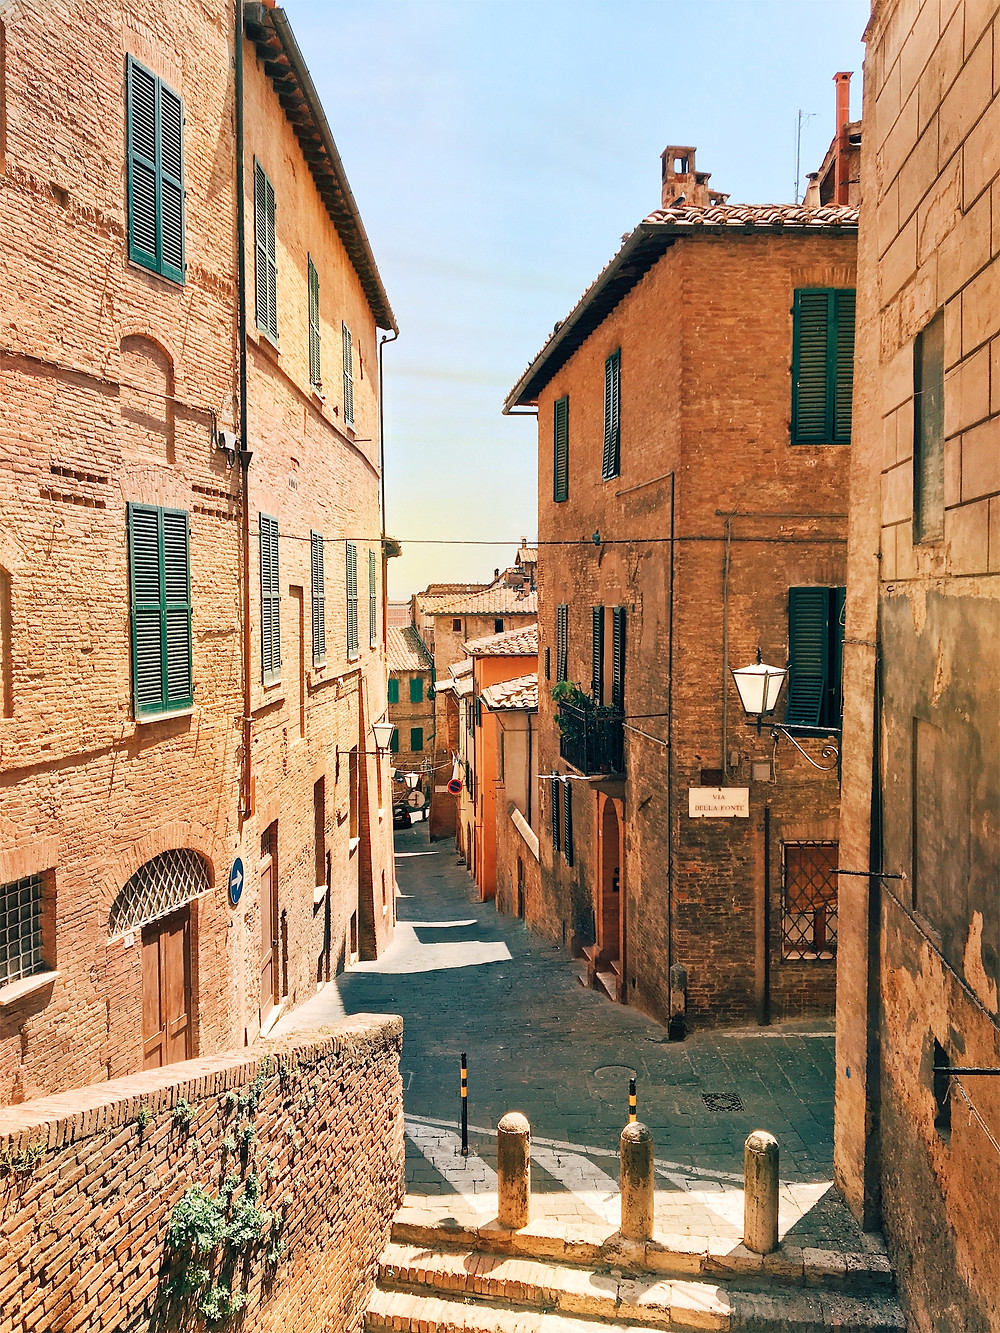 tiny meandering lane in Siena